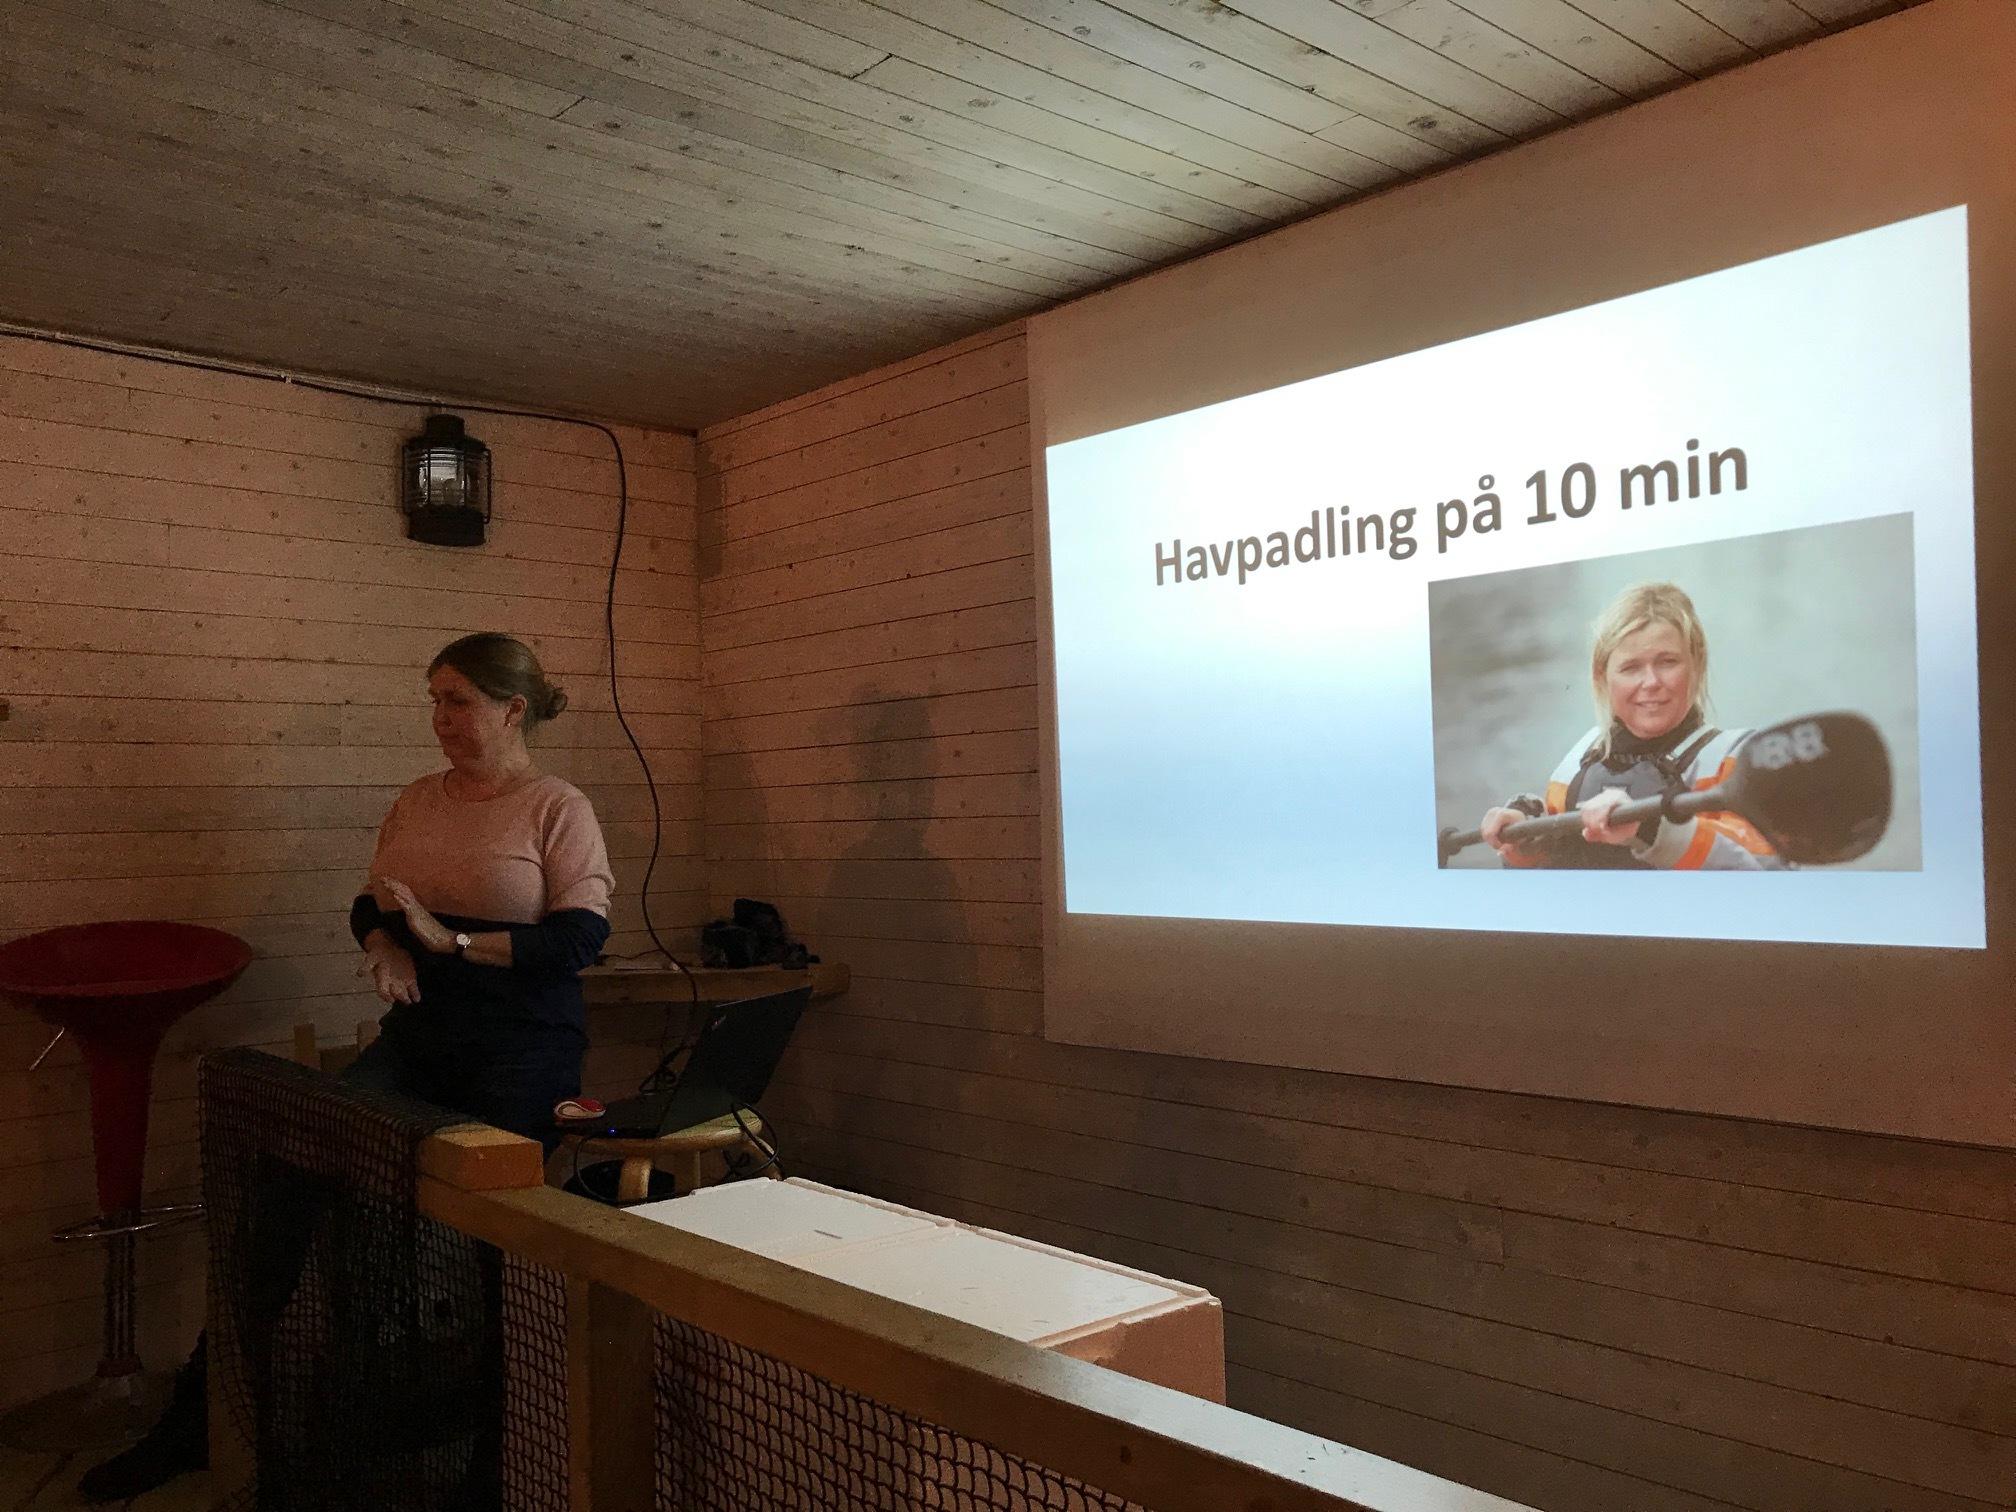 Ny i november_Tanja Hanssen kajakkpadling